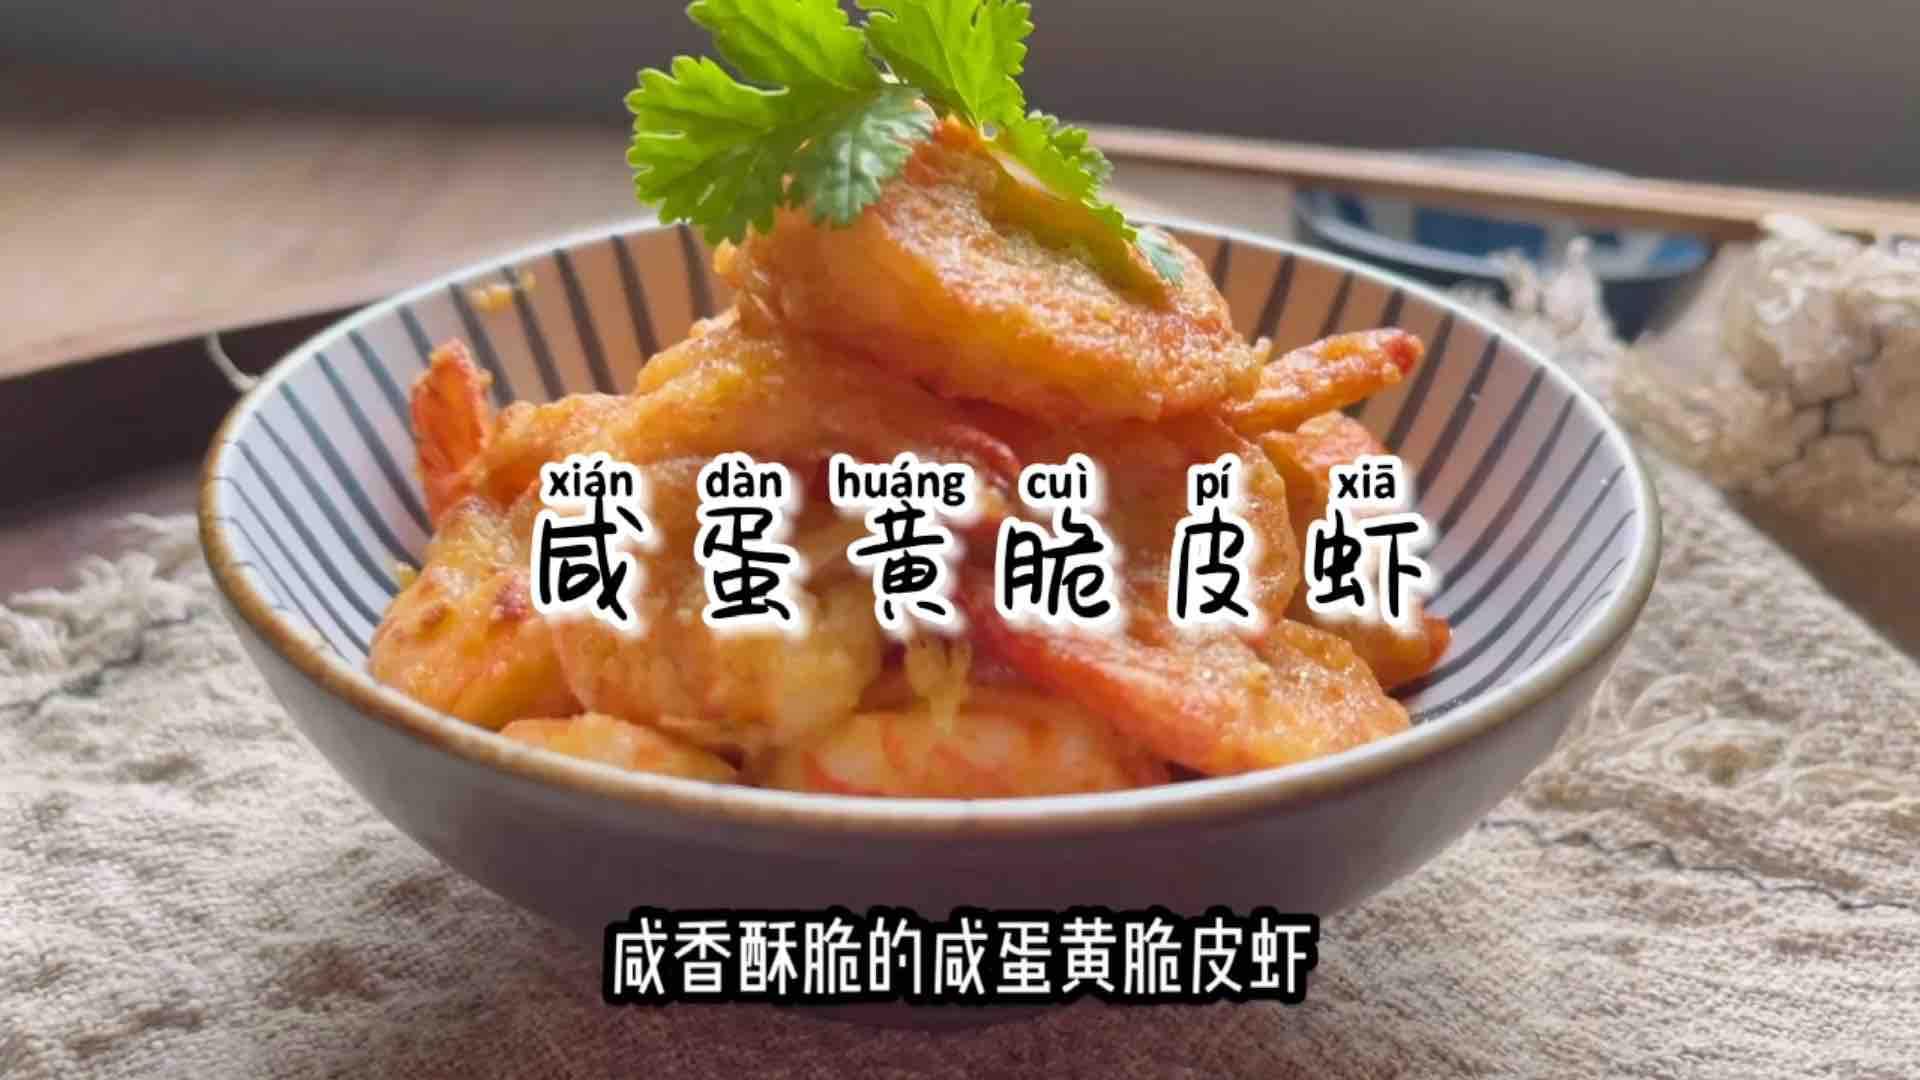 咸香酥脆的咸蛋黄脆皮虾